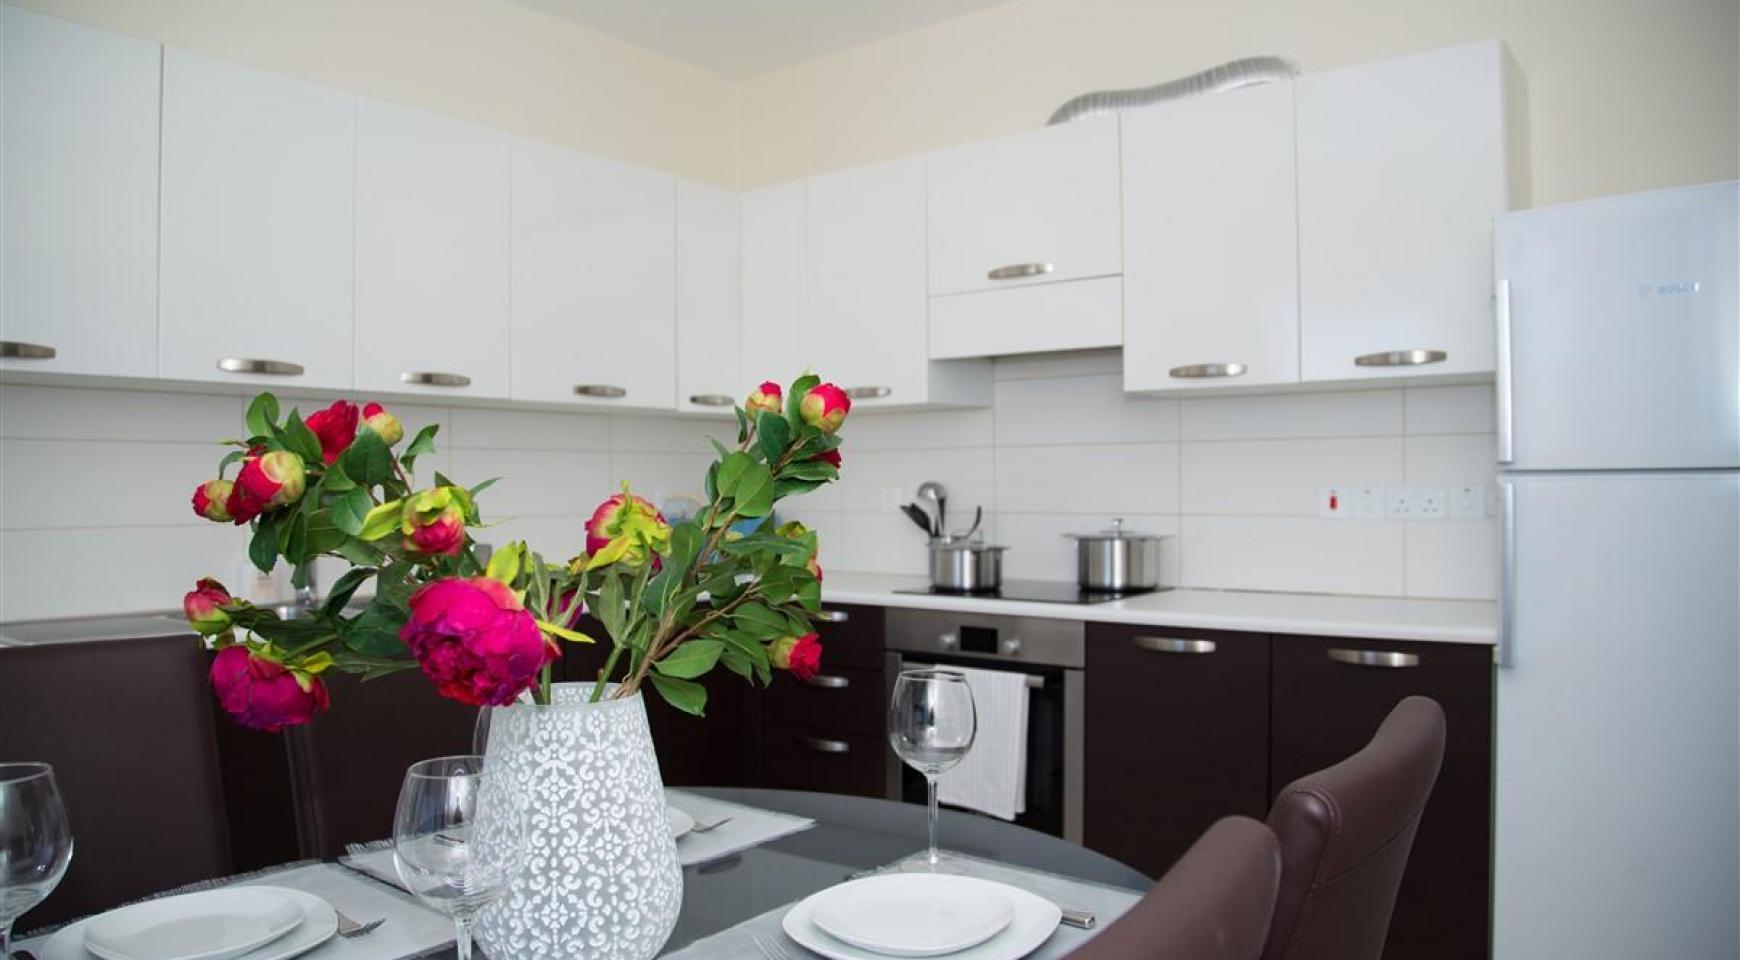 Μοντέρνο διαμέρισμα 2 υπνοδωματίων στην περιοχή Ποταμός Γερμασόγειας - 6